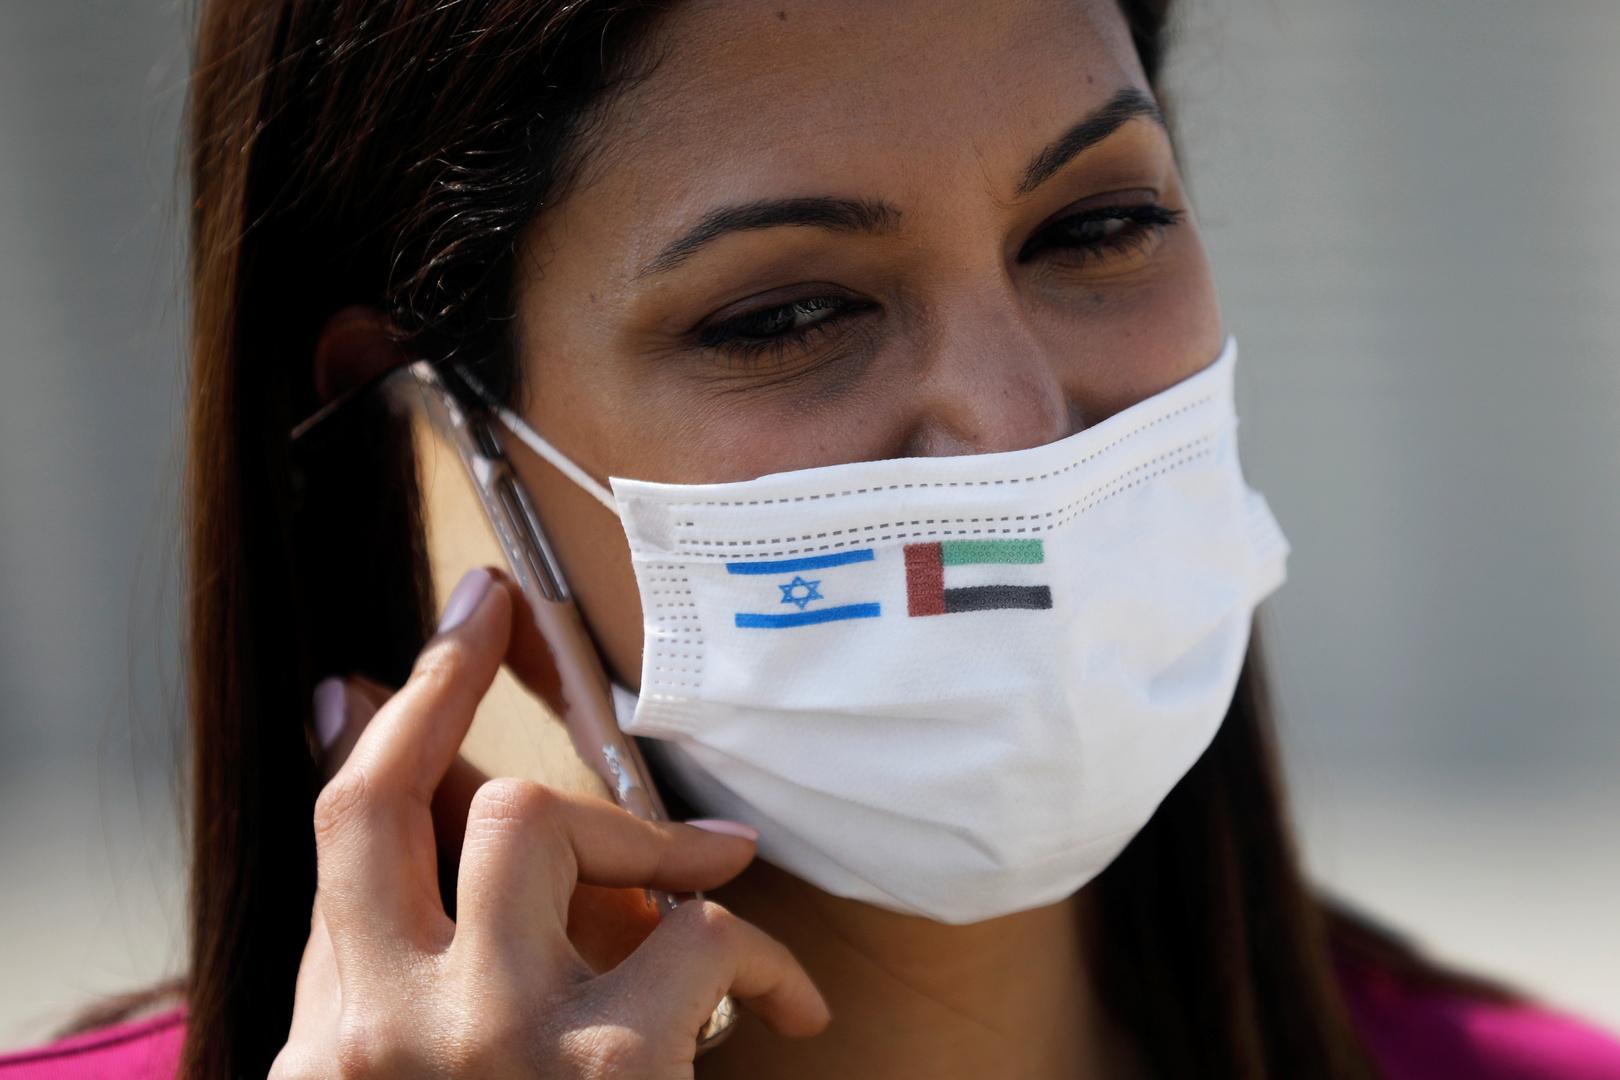 قيادي في منظمة التحرير الفلسطينية: الهرولة الإماراتية للتطبيع مع الاحتلال شيء مخز